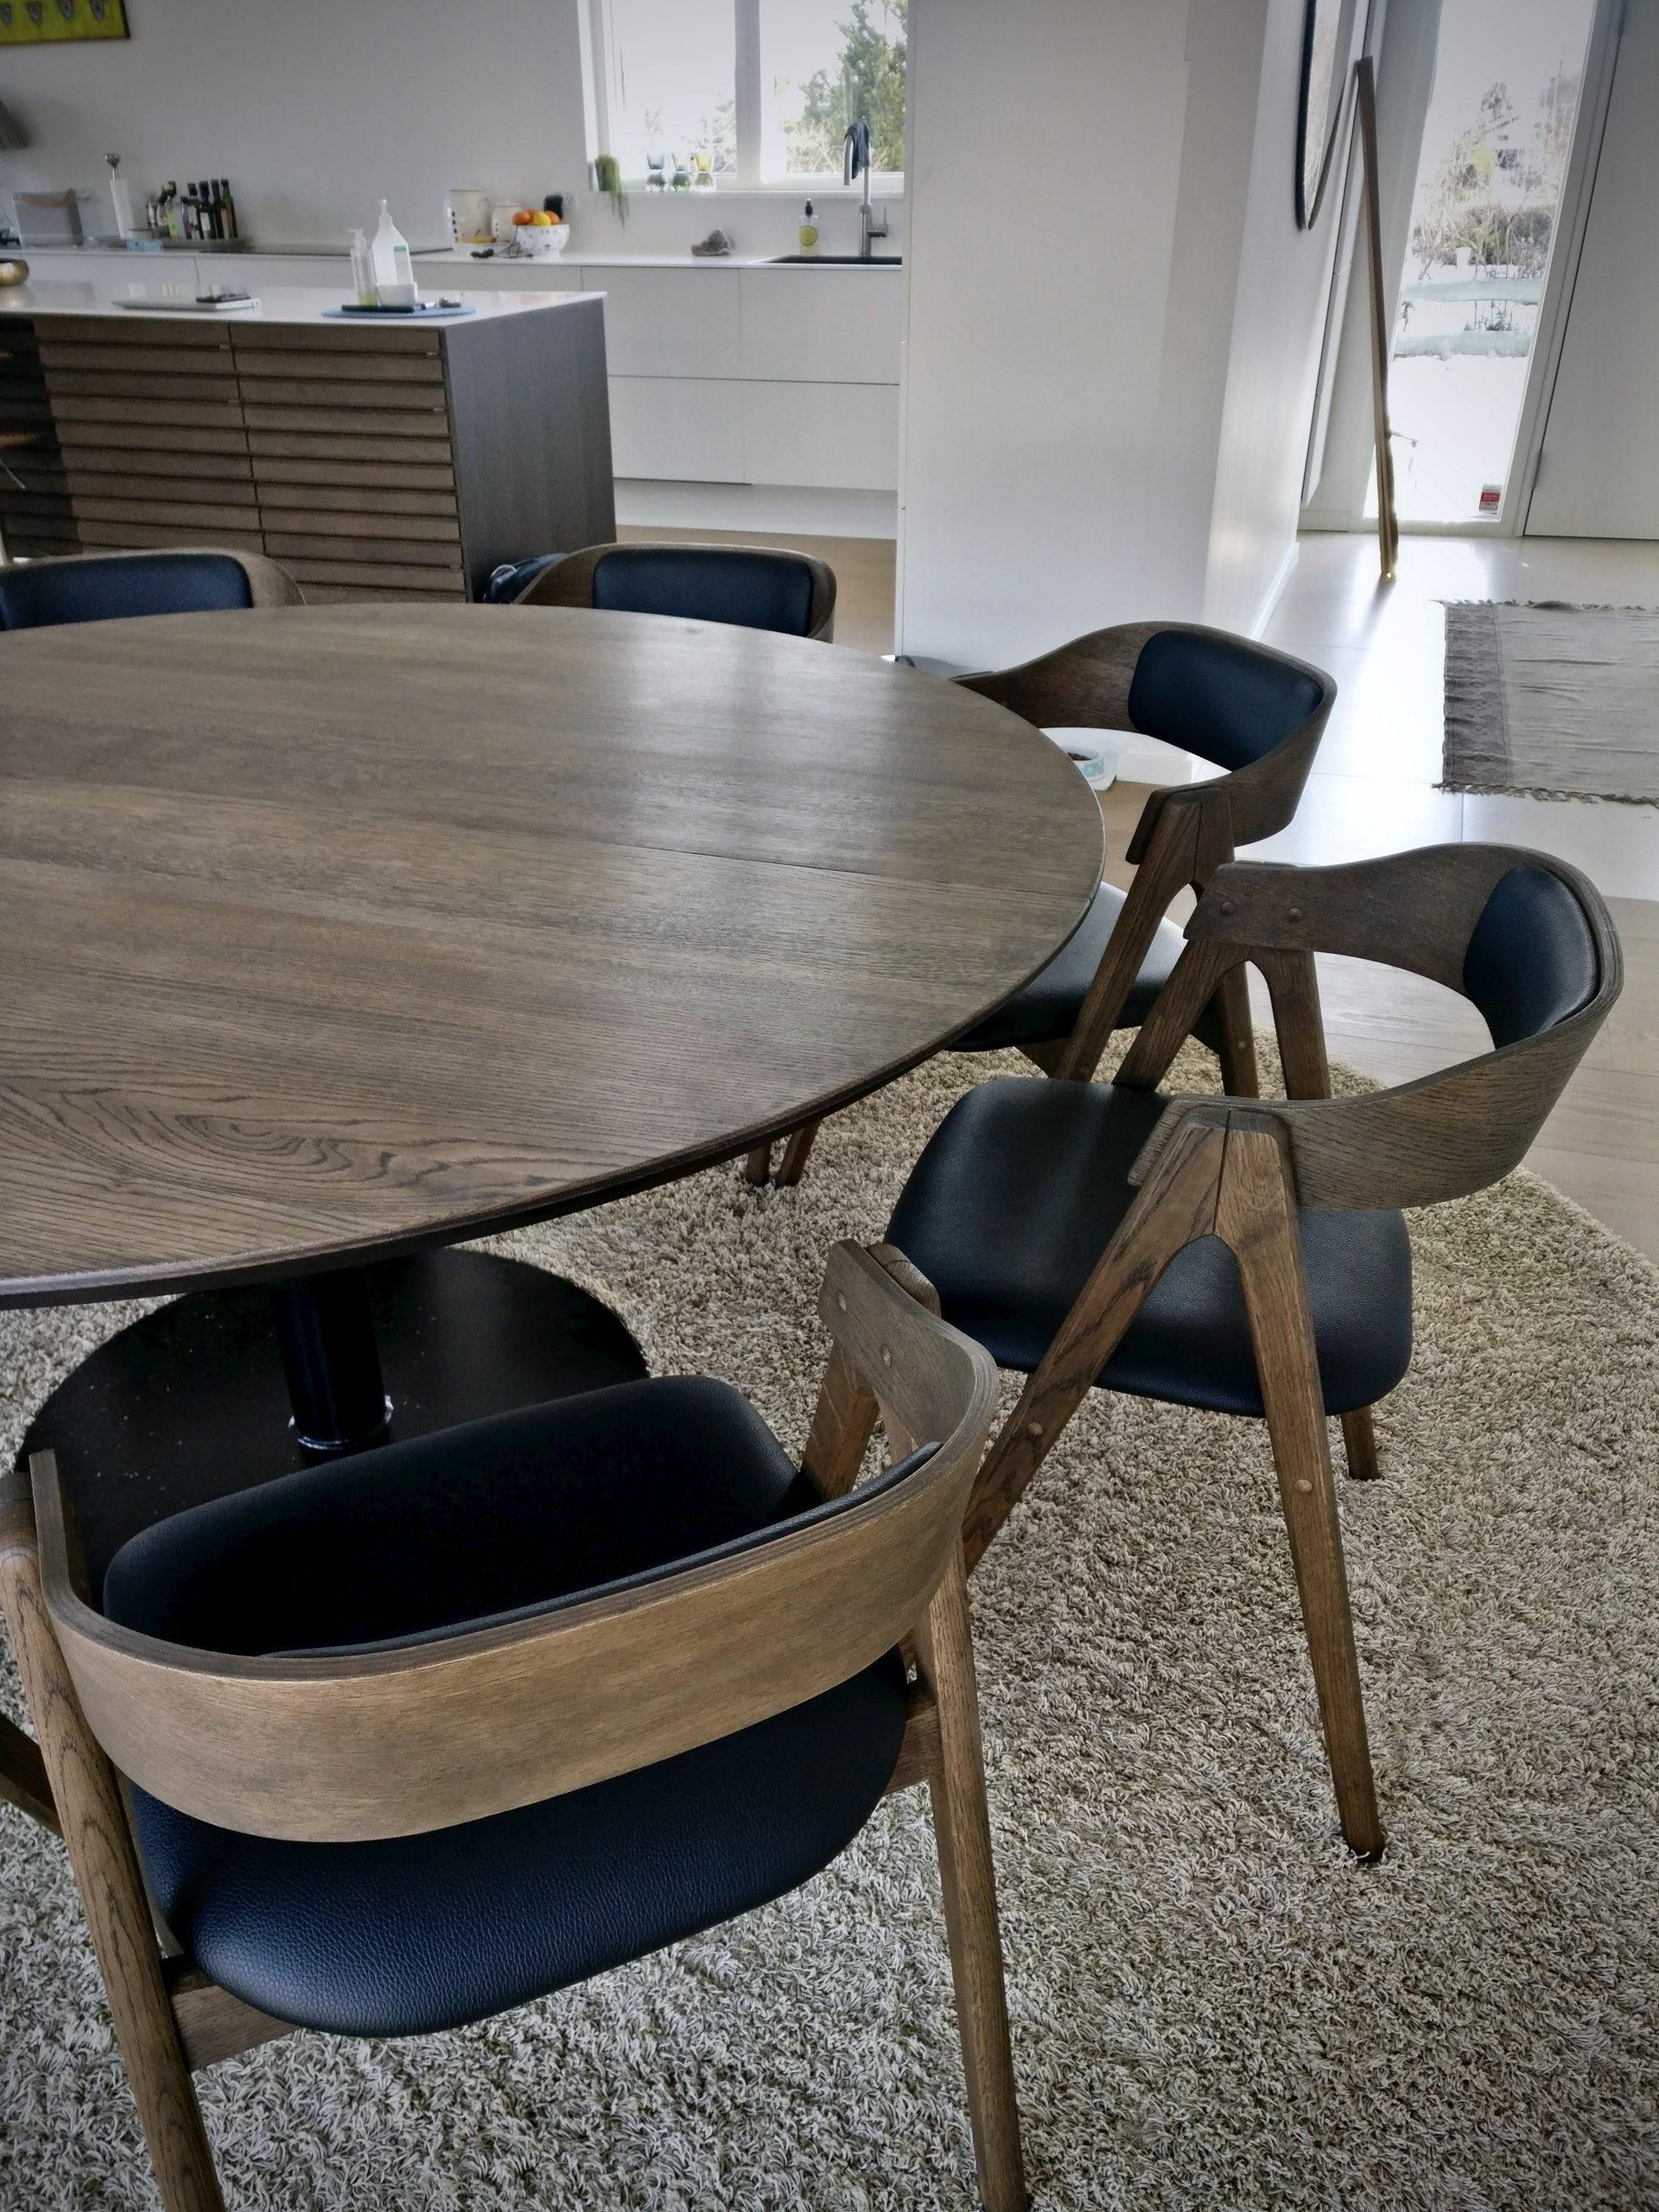 Rundt plankebord i egetrae kaerbygaard 2021 med udtryk og 2 tillaegsplader inkl mette spisebordsstole 6 scaled